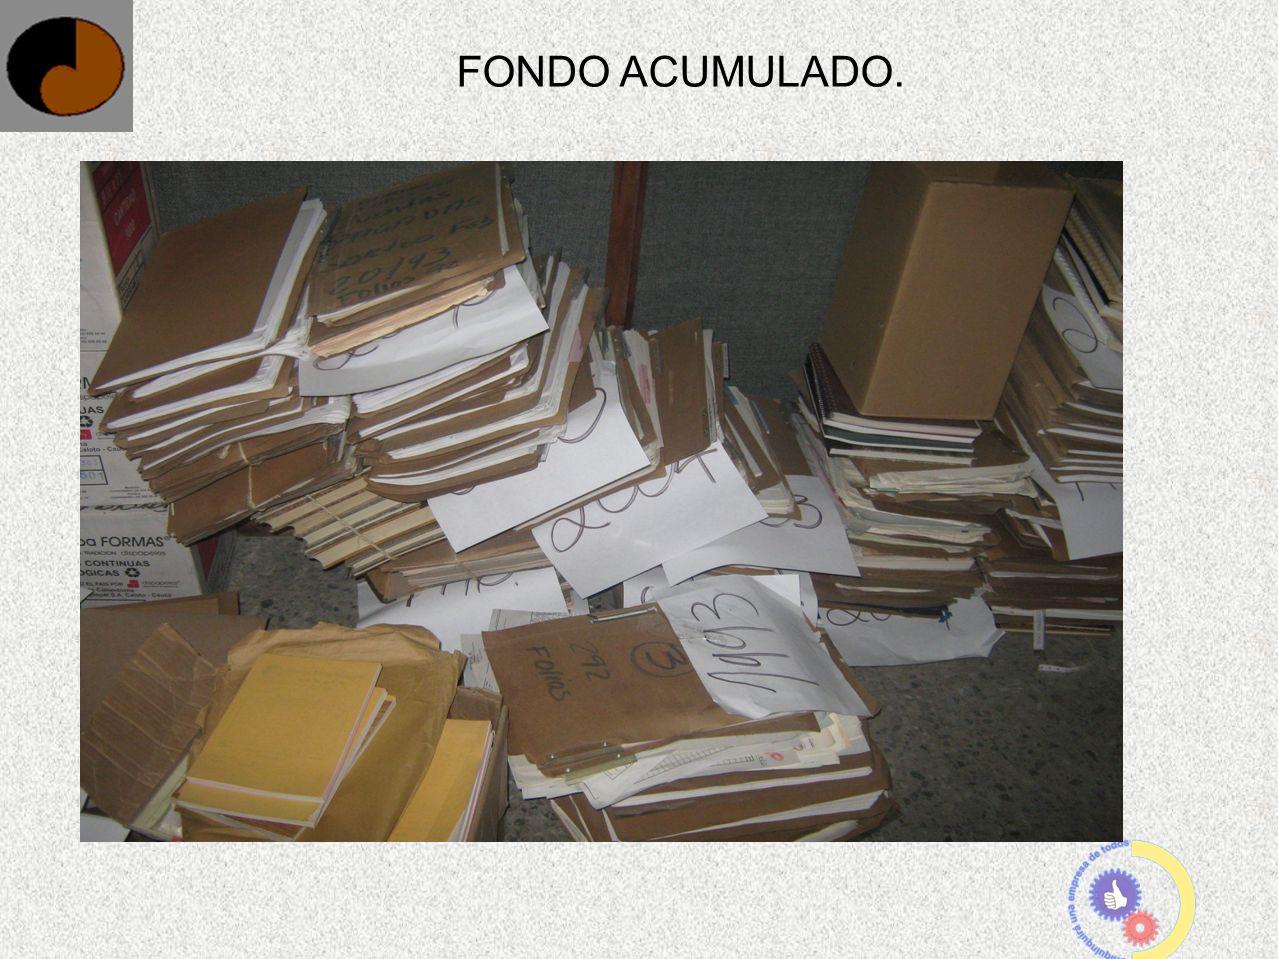 FONDO ACUMULADO.